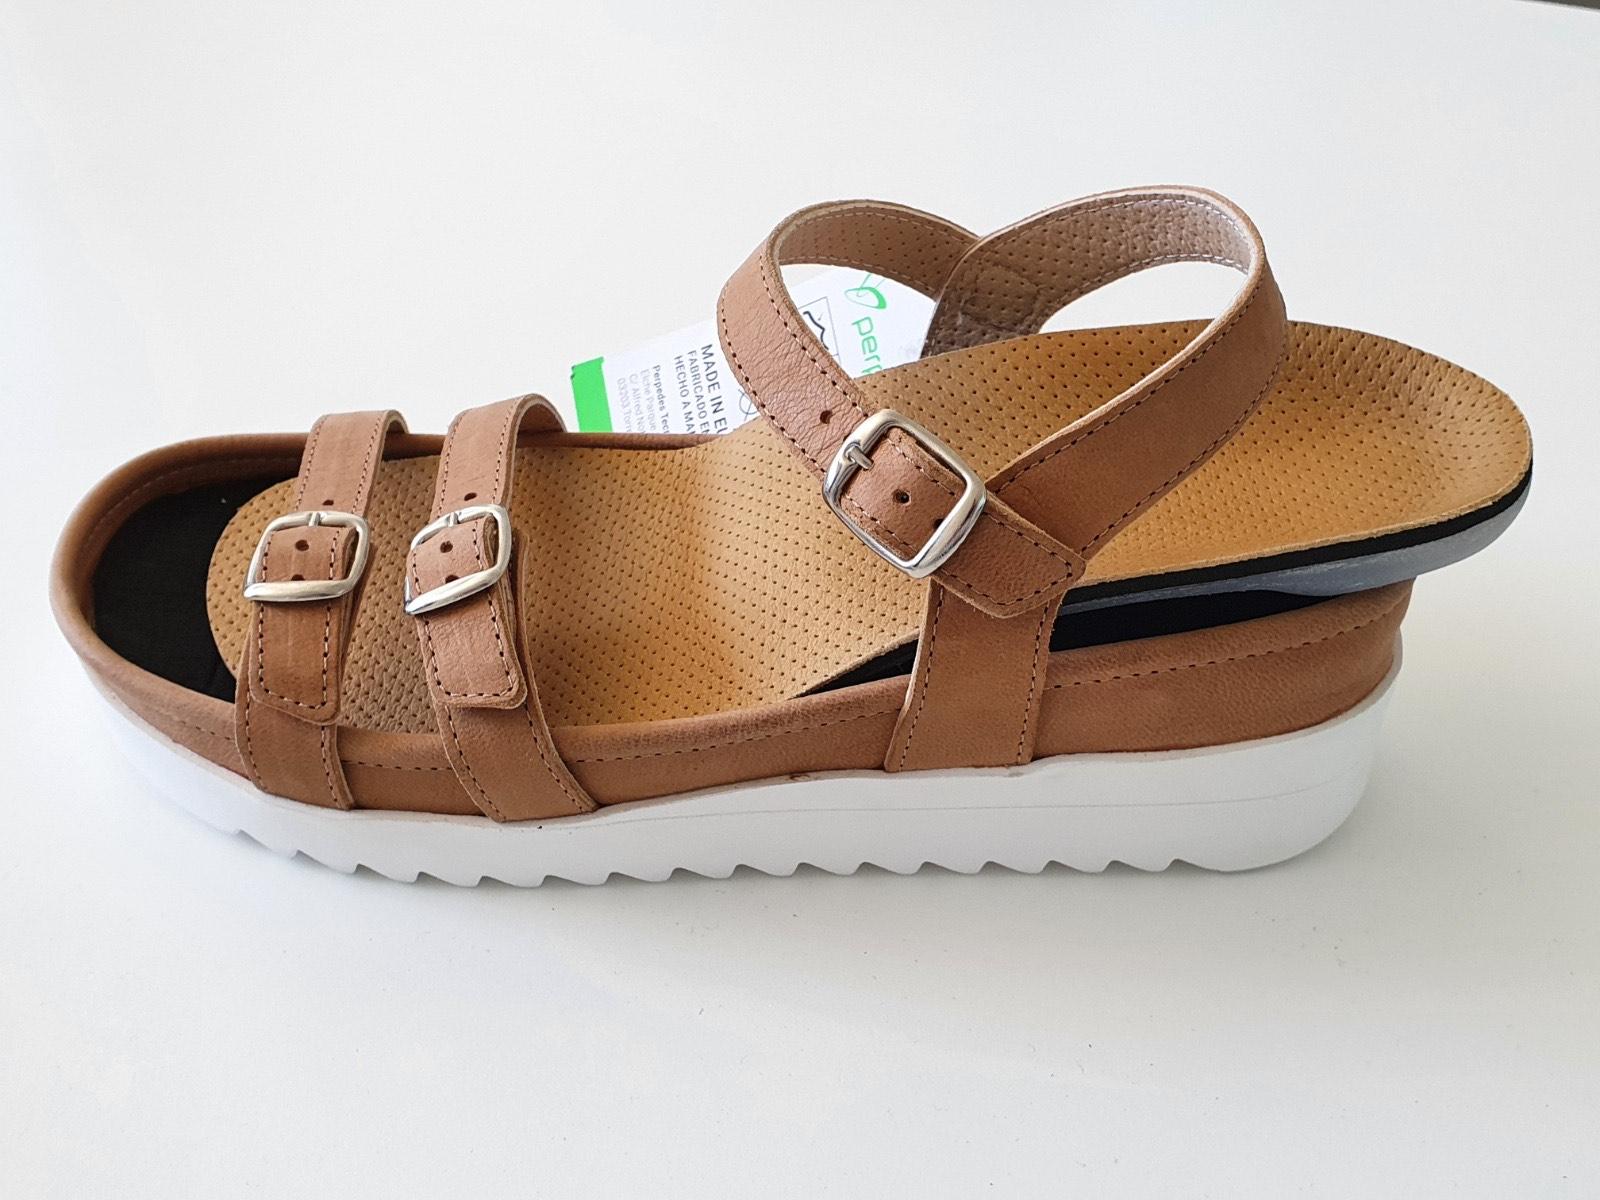 Sandalias frescas y ligeras, con un diseño especial, moderno y anatómico, que evita que se perciban las plantillas hechas a medida